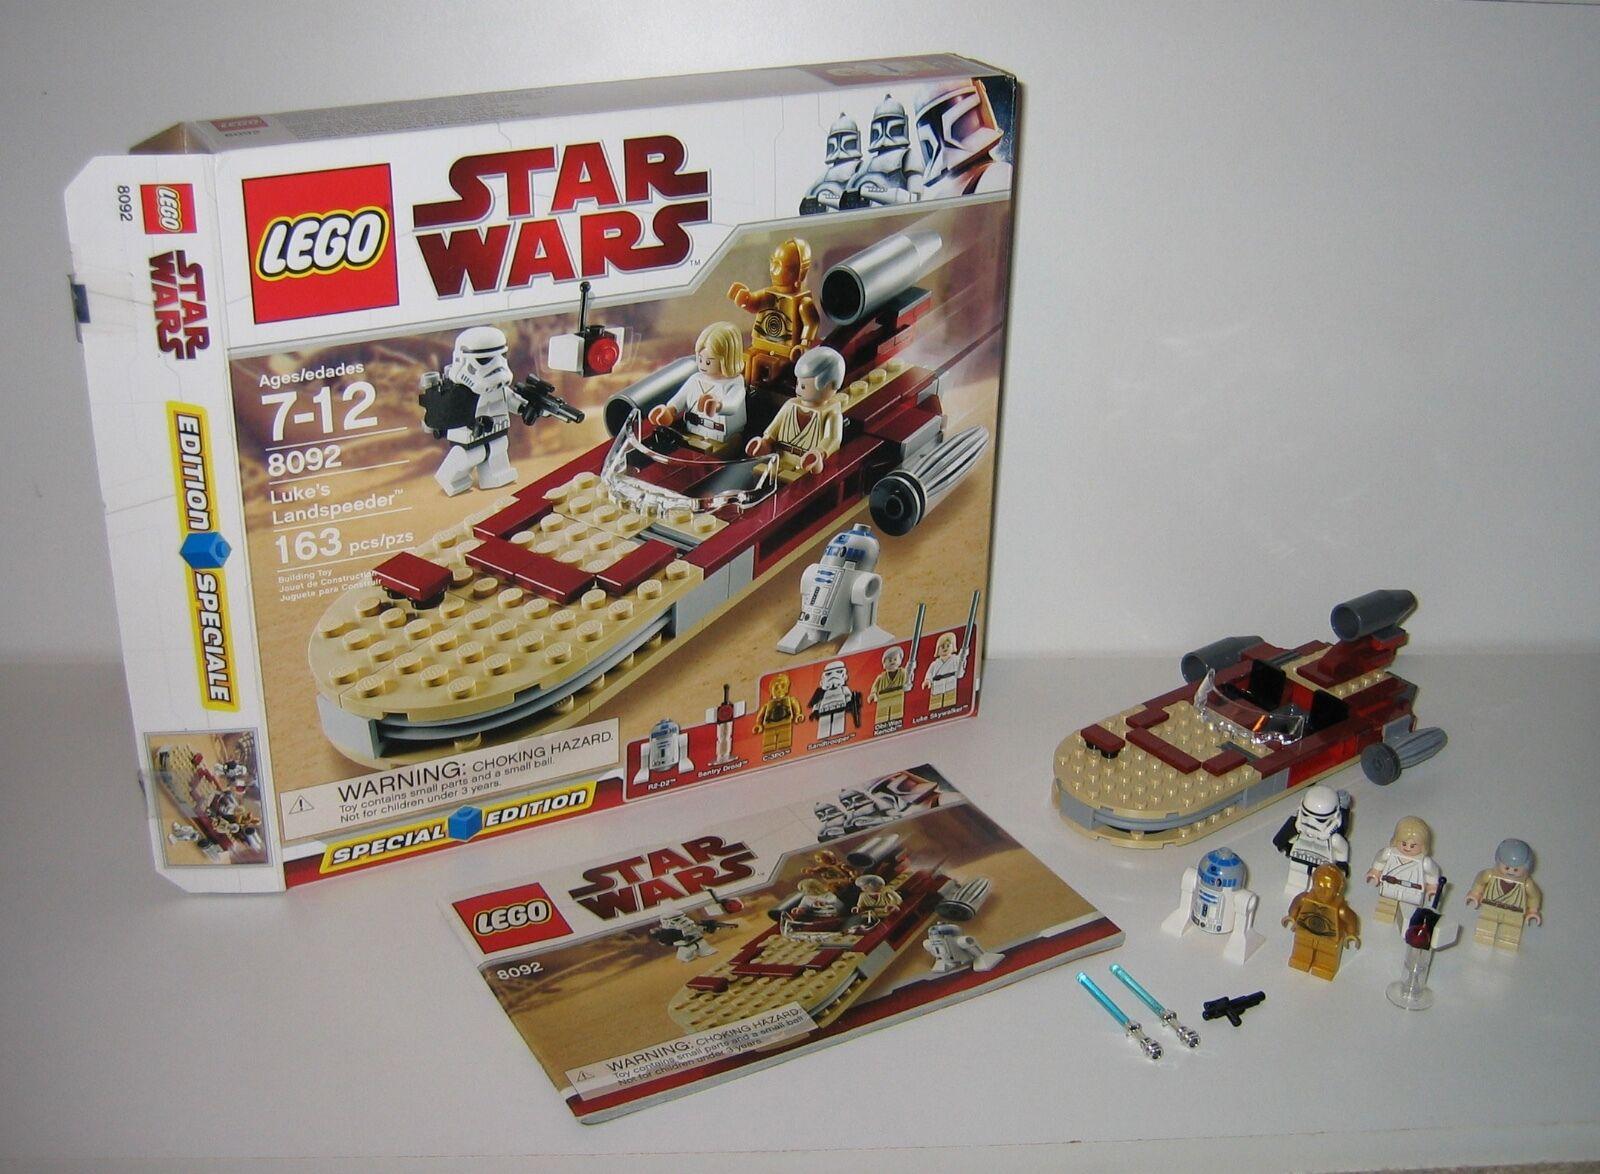 8092 LEGO Star Wars Luke's Landspeeder 100% Complete Box & Instructions EX COND